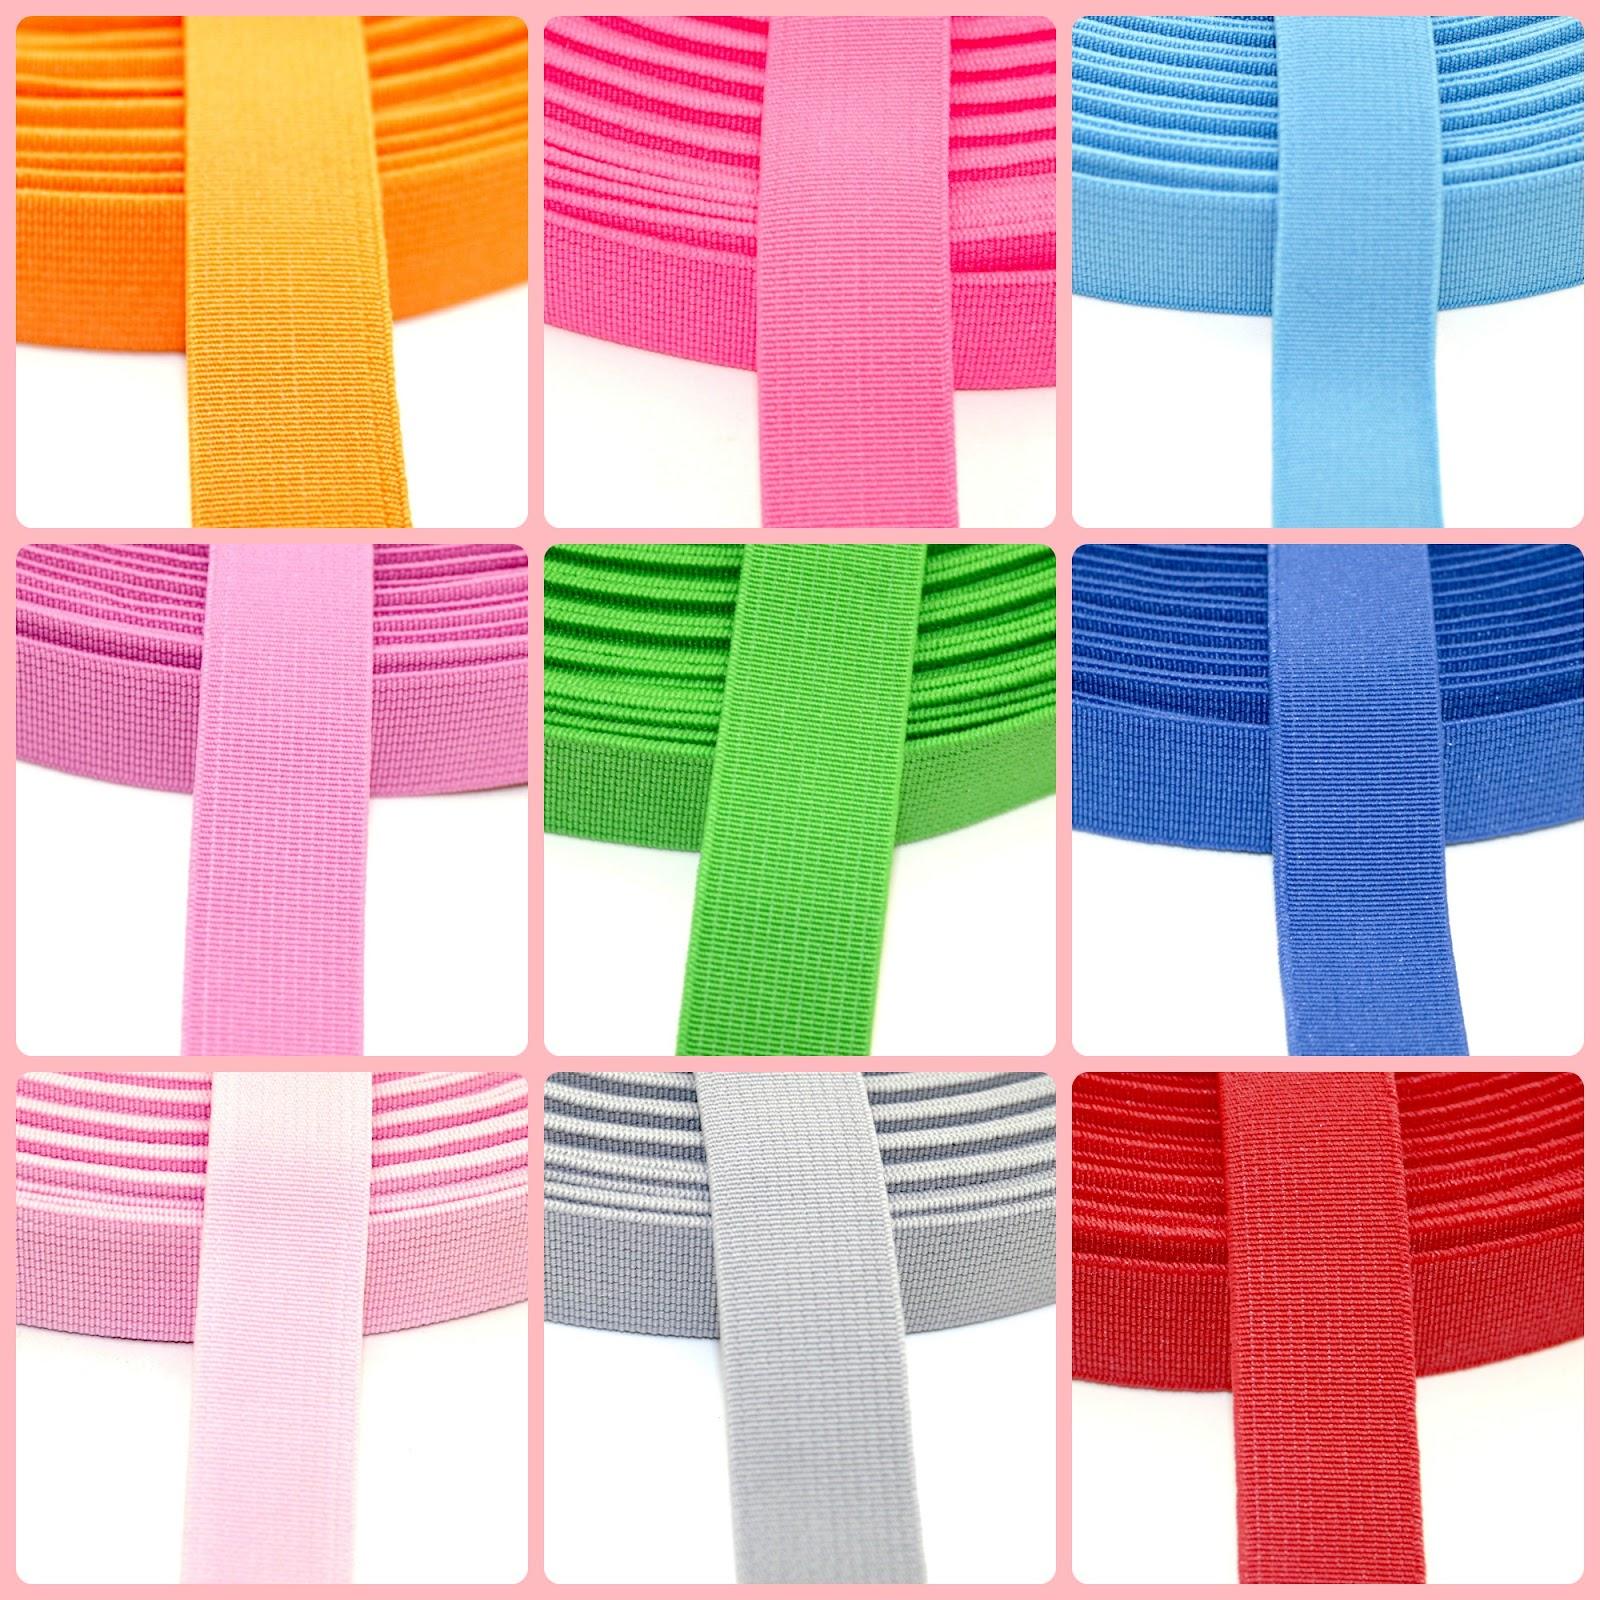 hochwertige bunte Gummibänder 20mm breit in meinem Dawanda-Shop